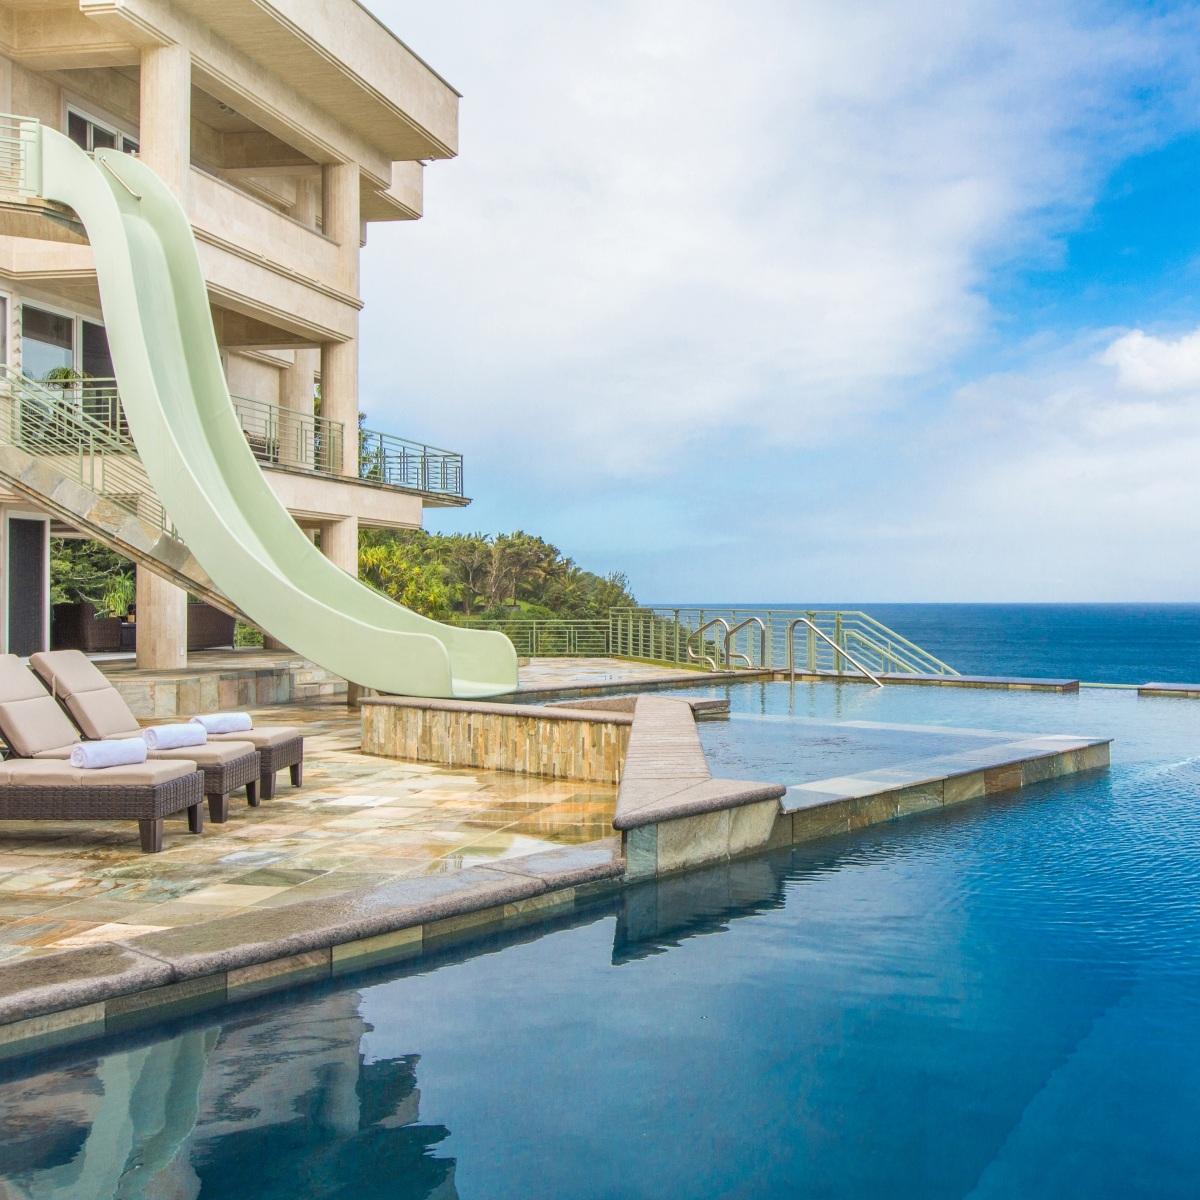 Waterfalling Estate - Hamakua Coast, HawaiiStarting at $5,000/night5 Bedrooms7.5 Bathrooms